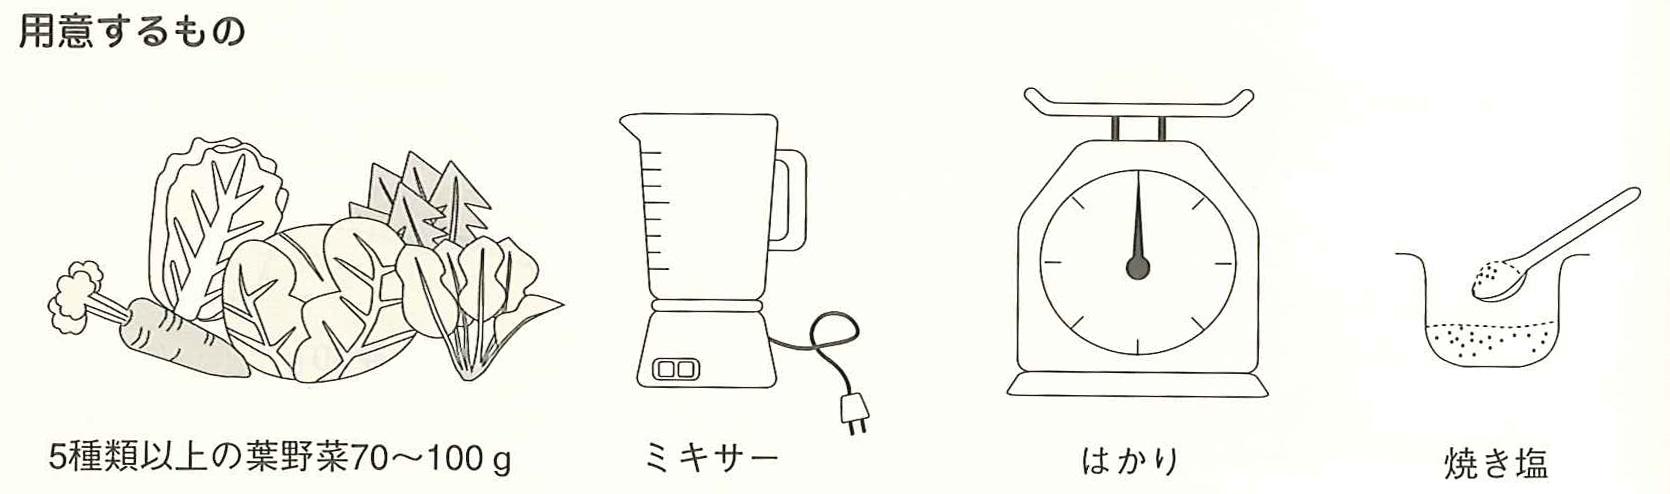 生菜食、青汁 甲田療法